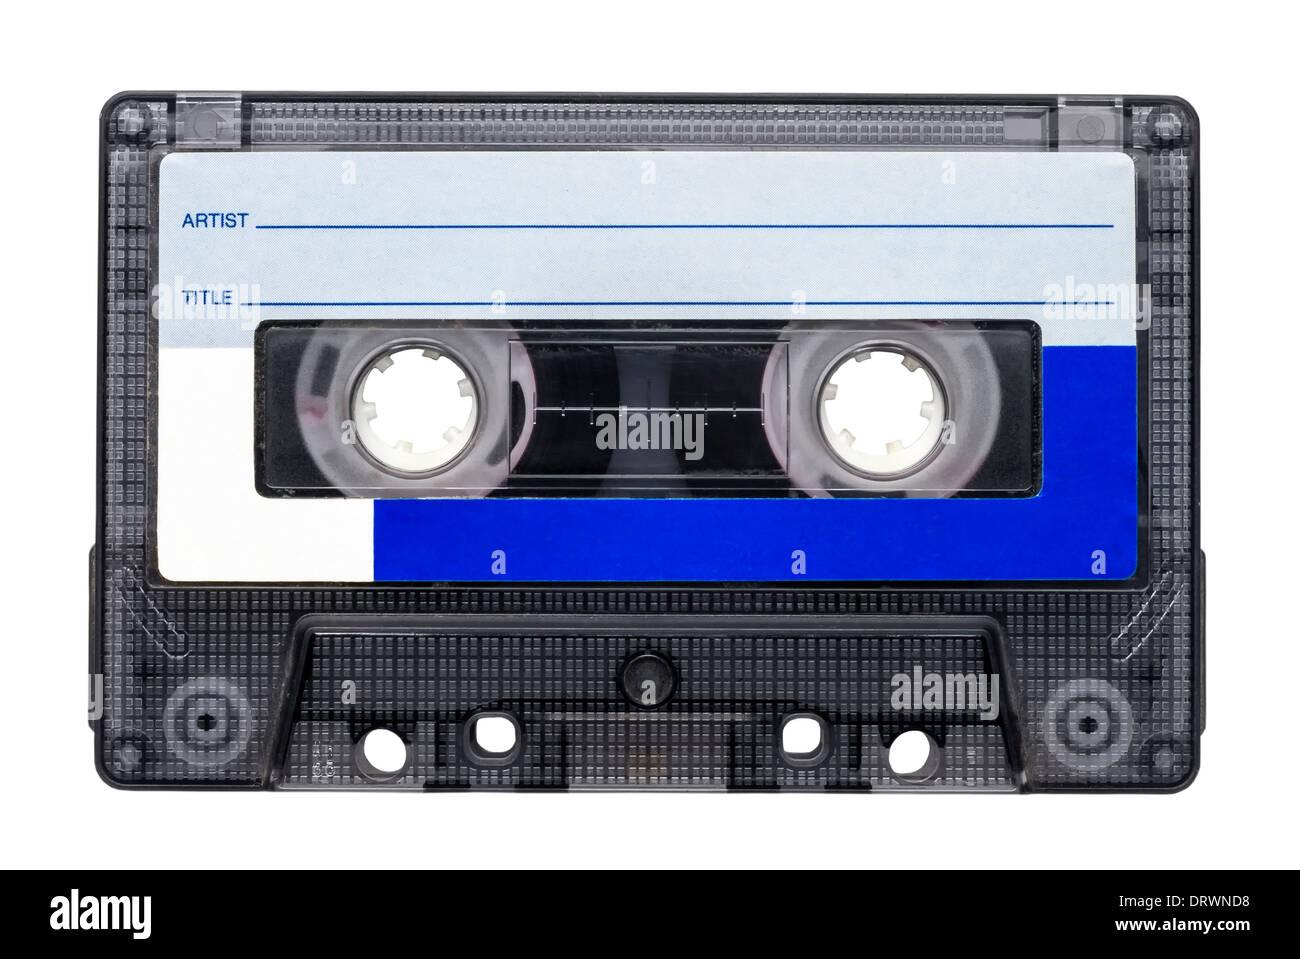 Cinta magnética para la grabación de audio de música aislado sobre fondo blanco. Imagen De Stock